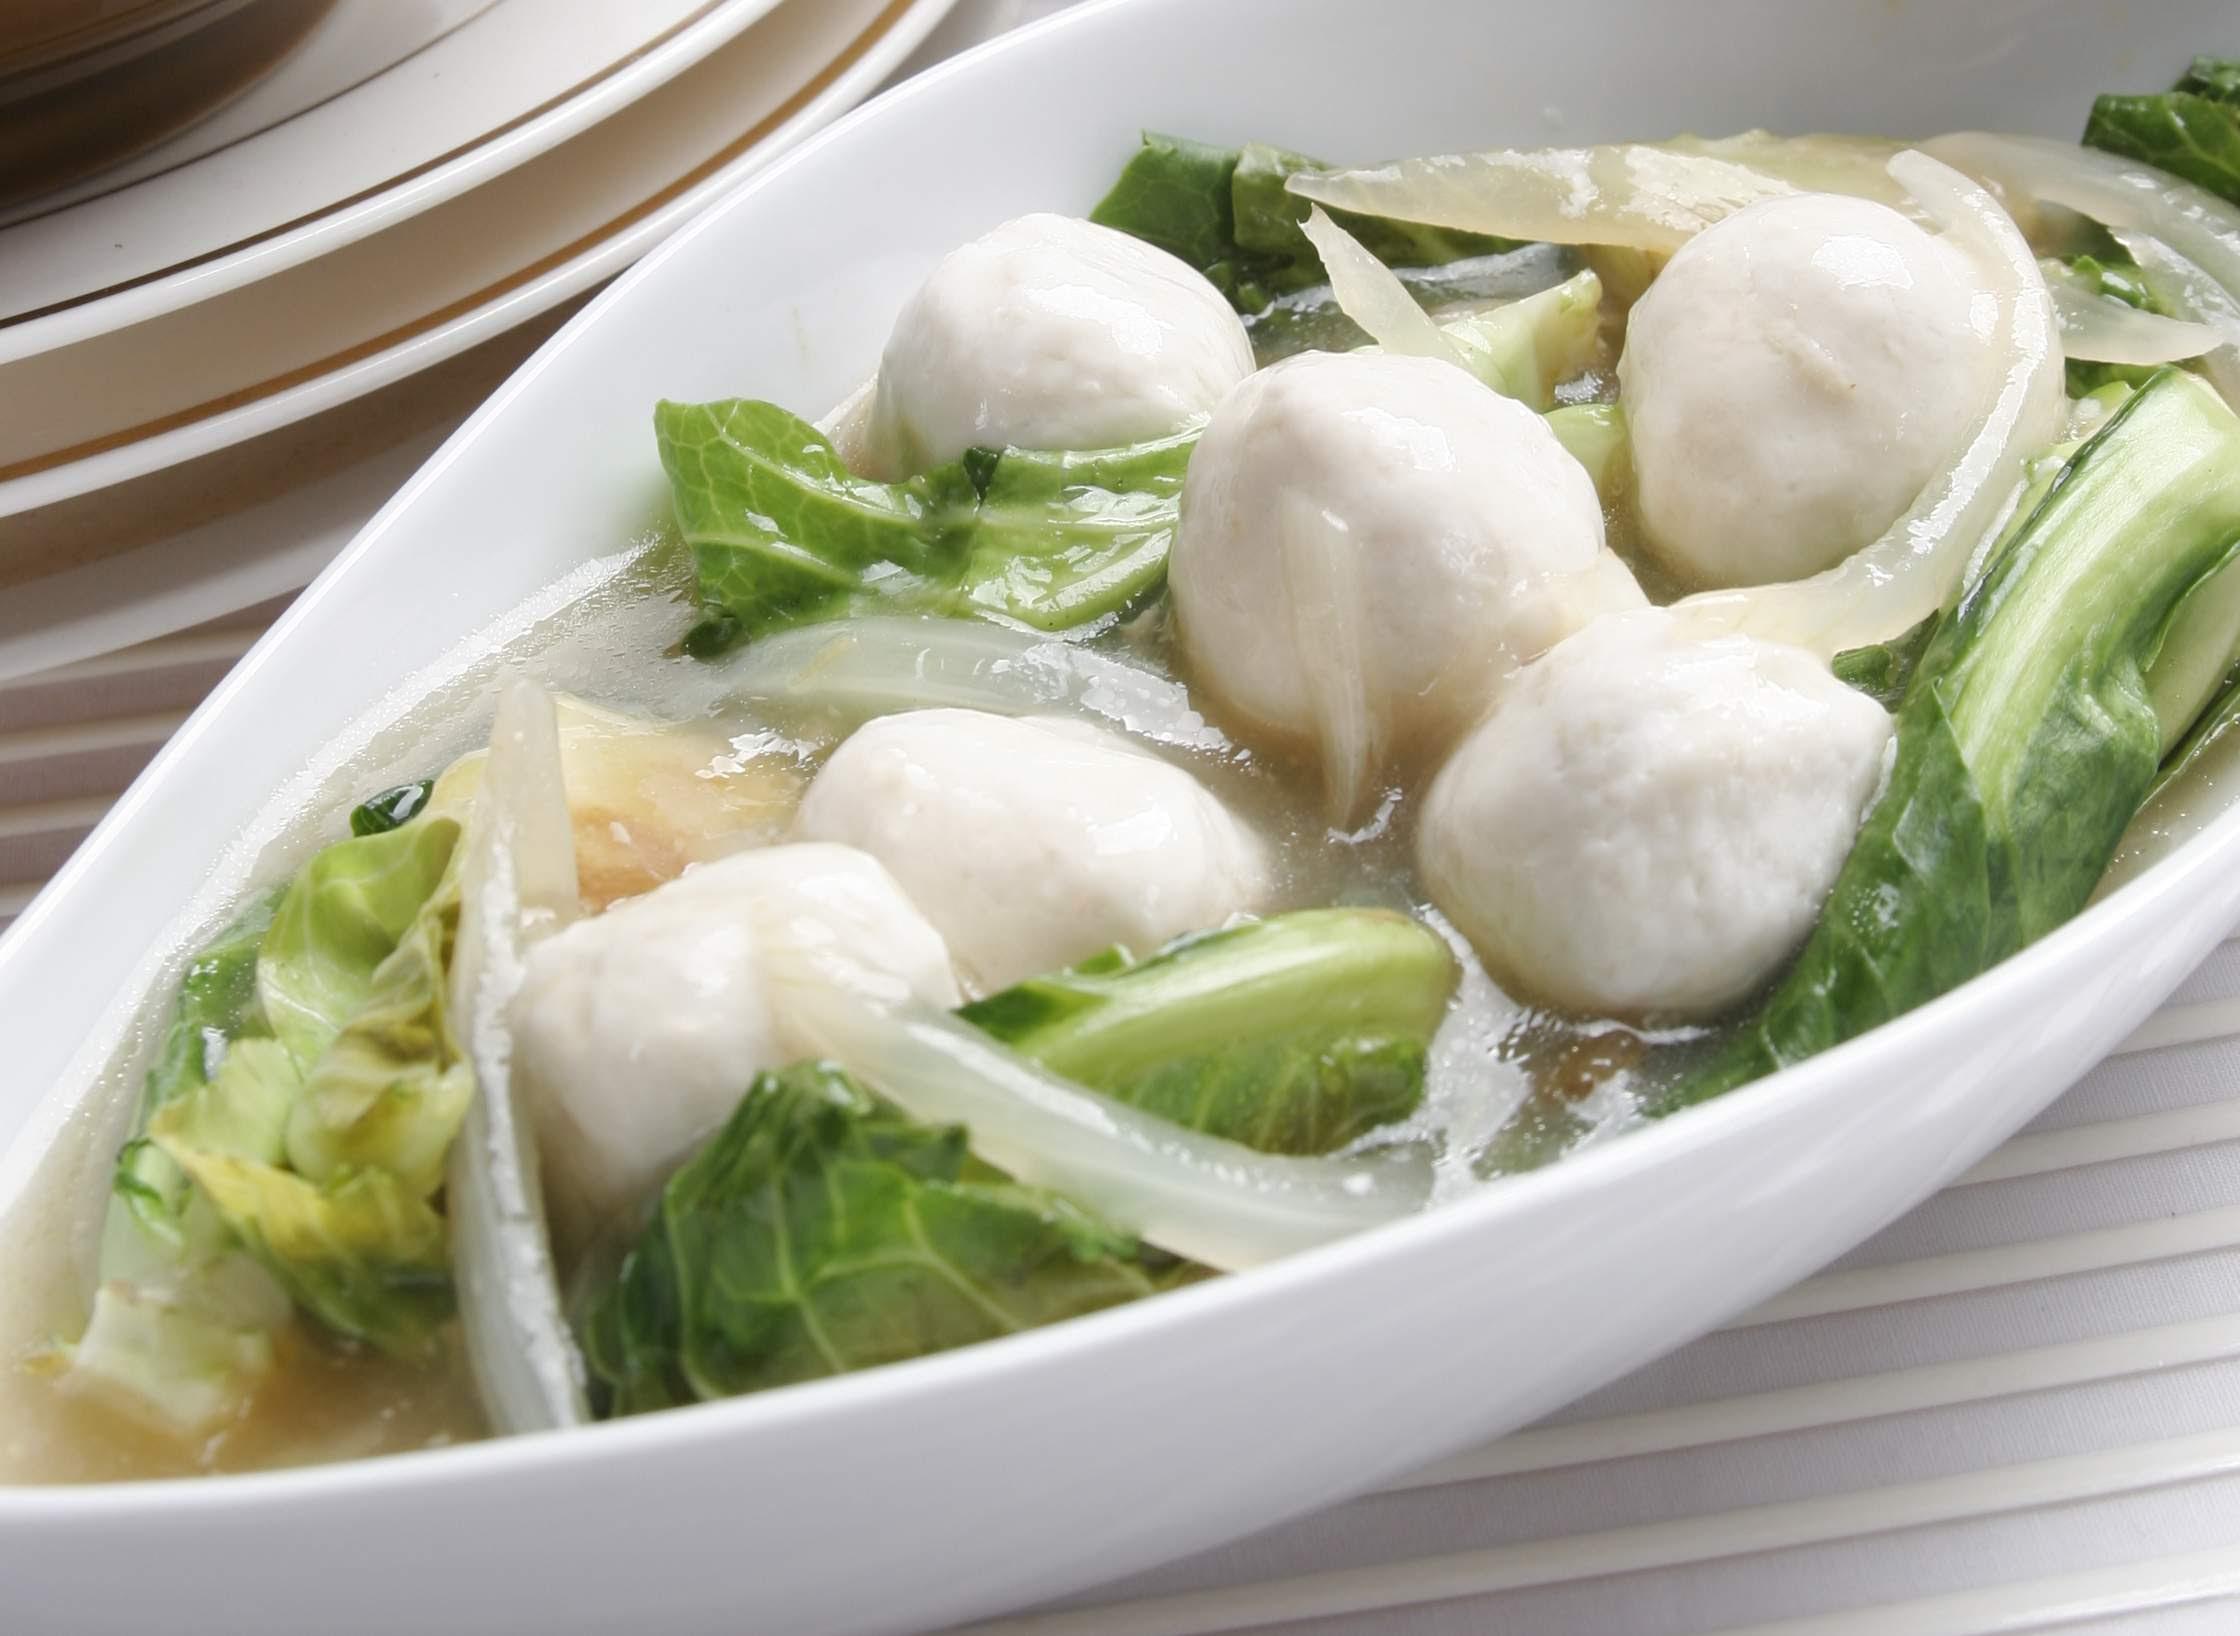 ON THE SPOT TRANS 7 7 Makanan Indonesia Yang Populer Di Luar Negeri